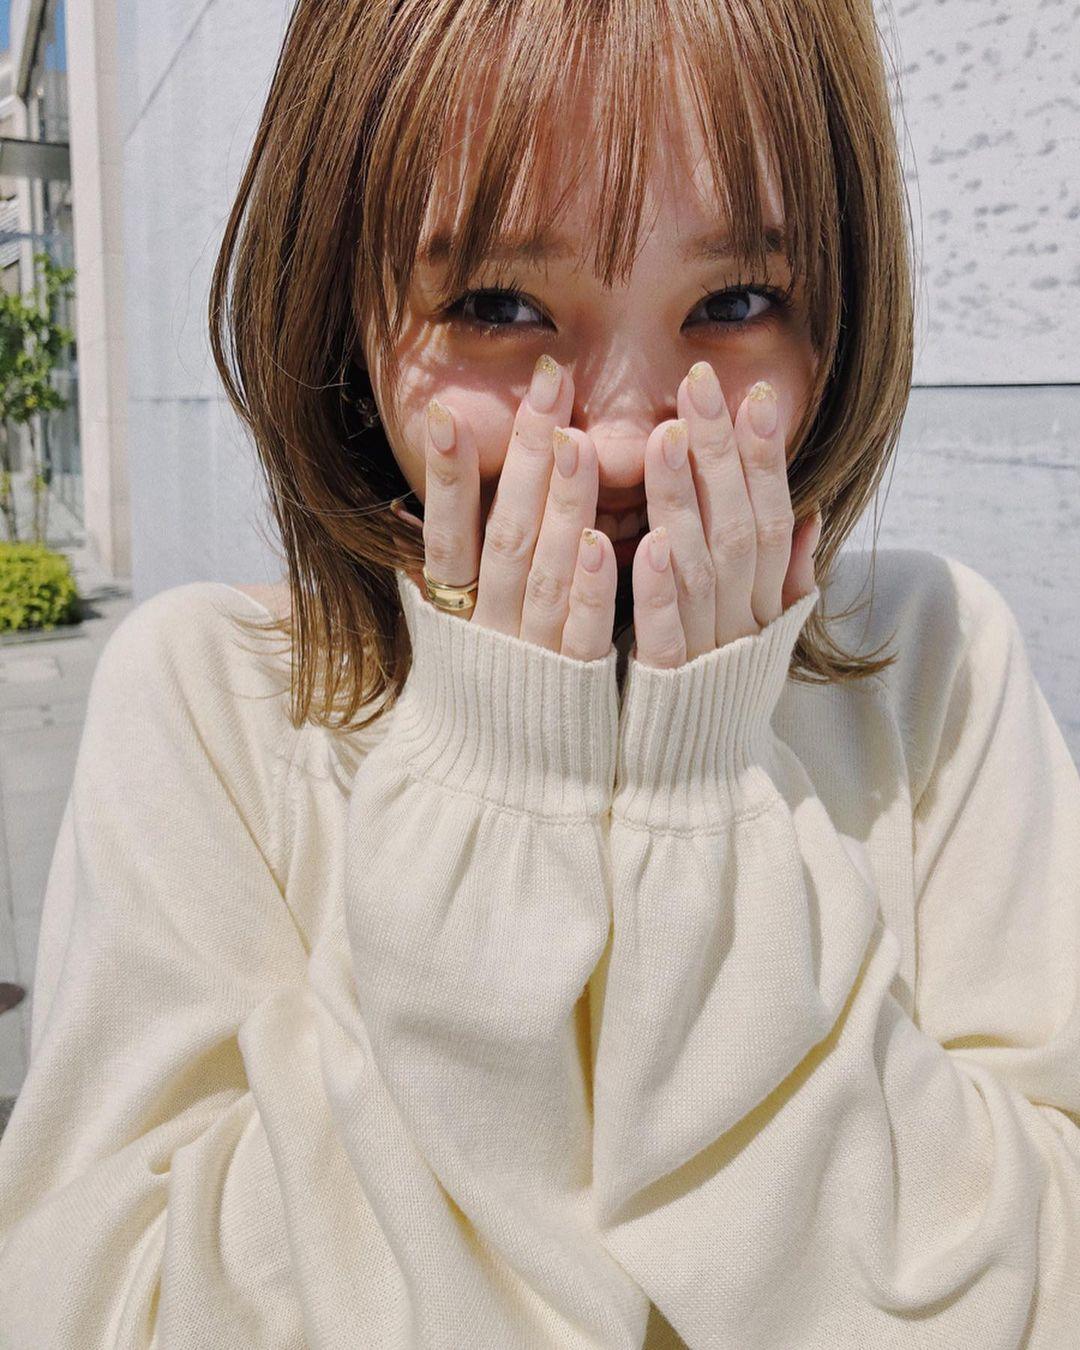 史上最可爱国中生江野沢爱美长大了.不只甜美笑容依旧,空灵气质更是疗愈人心 网络美女 第5张